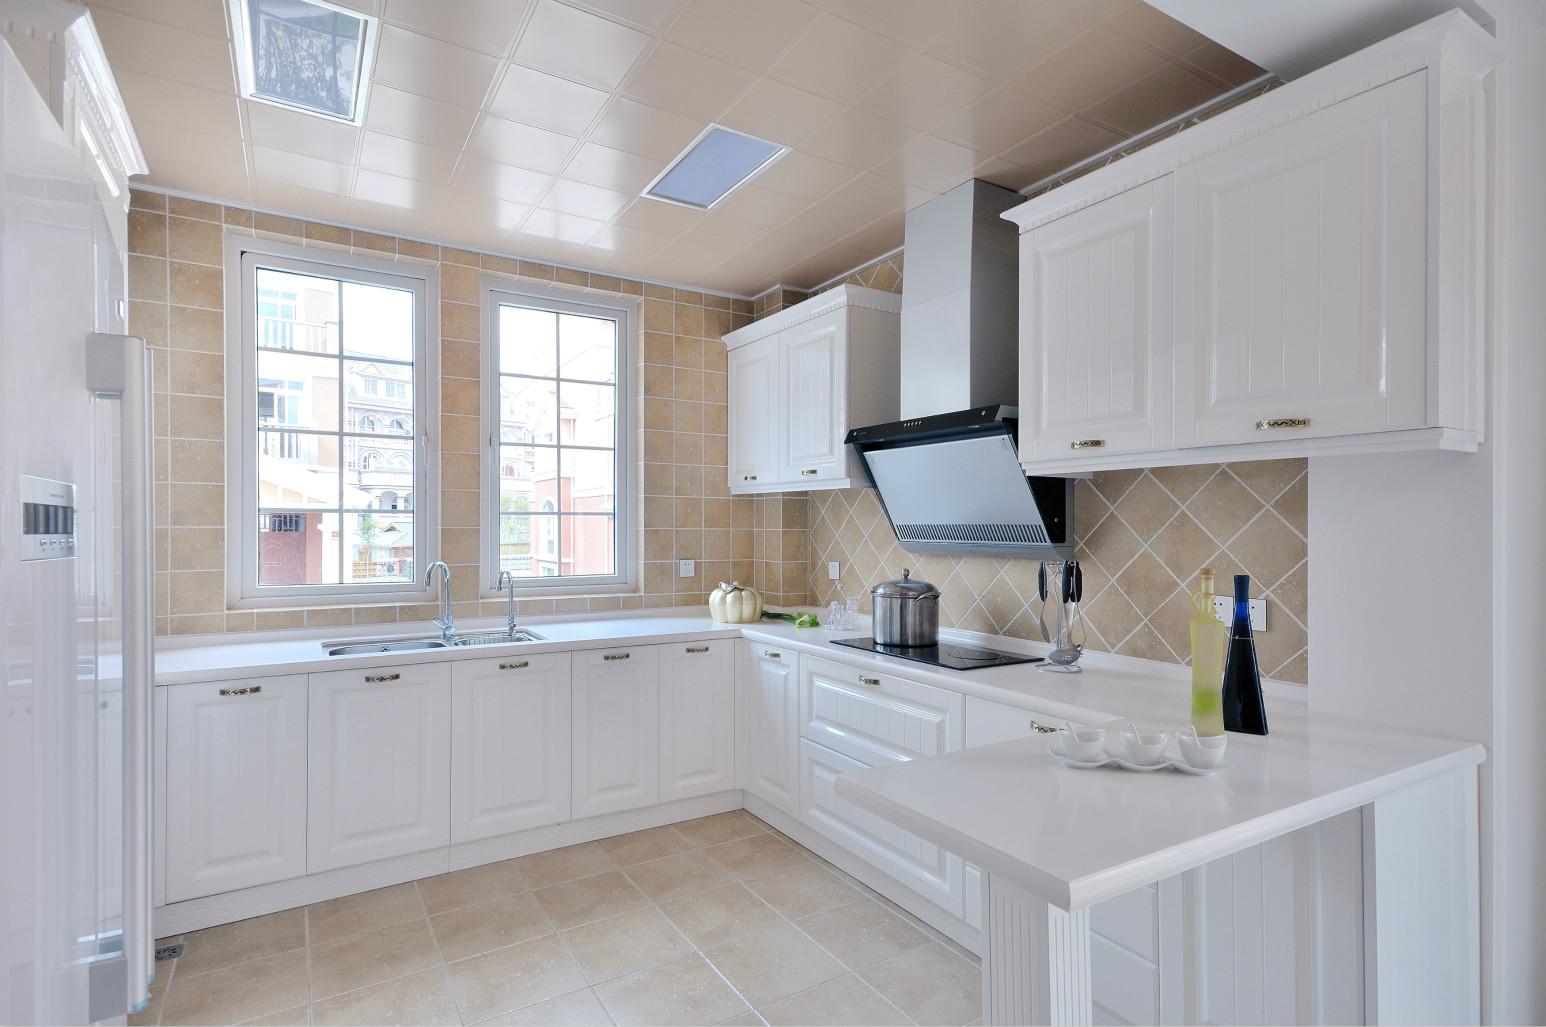 水晶面板厨具点出了整洁度,也延展出了白色势力